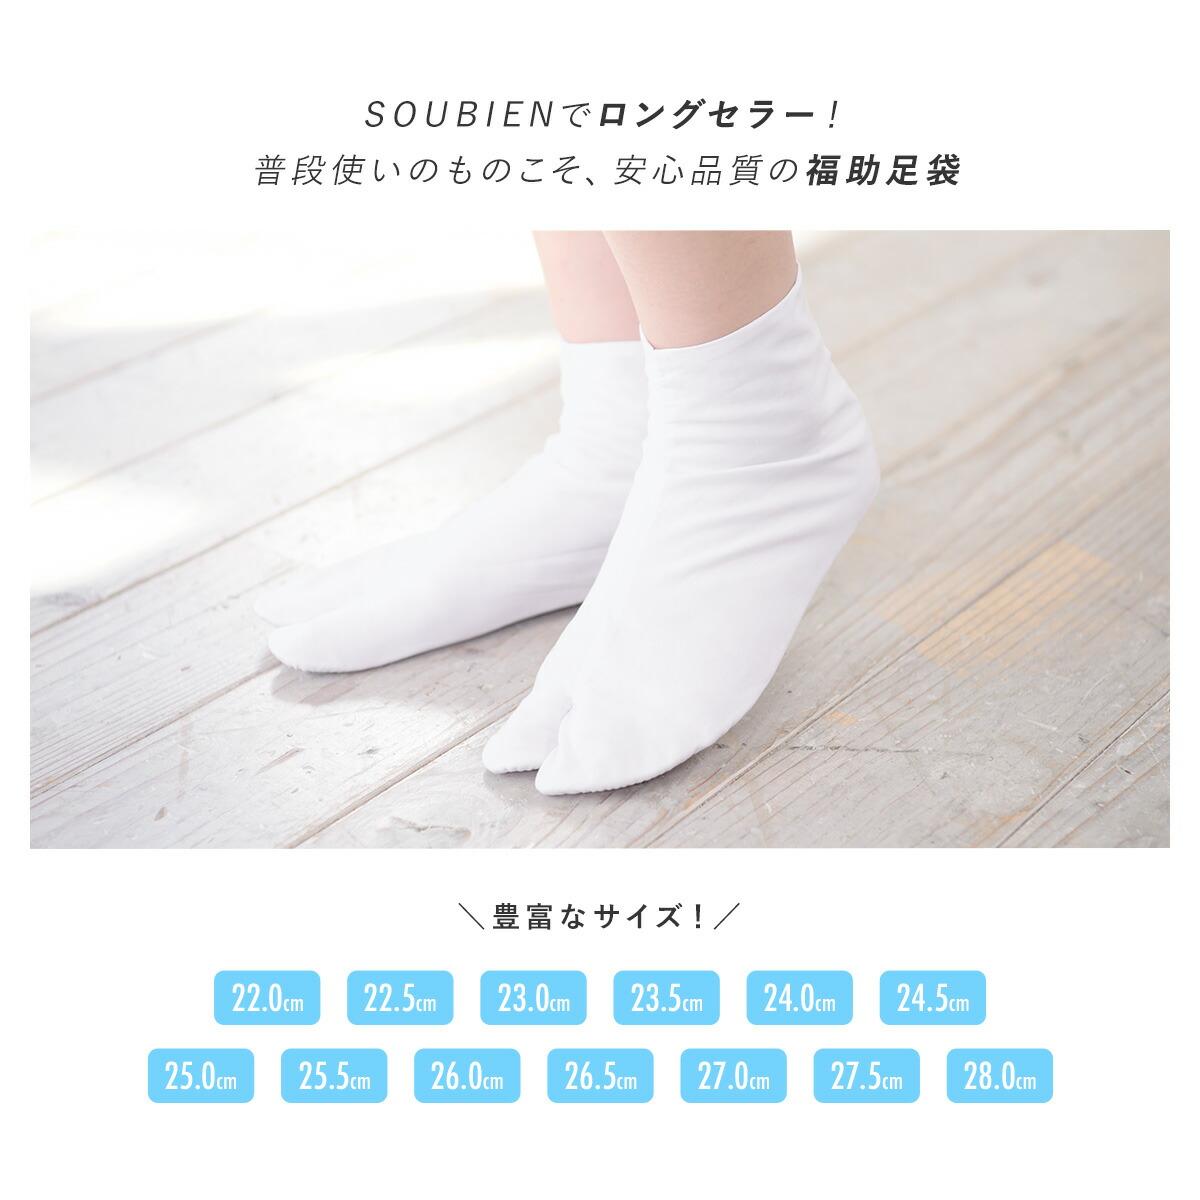 サイズ豊富な白足袋